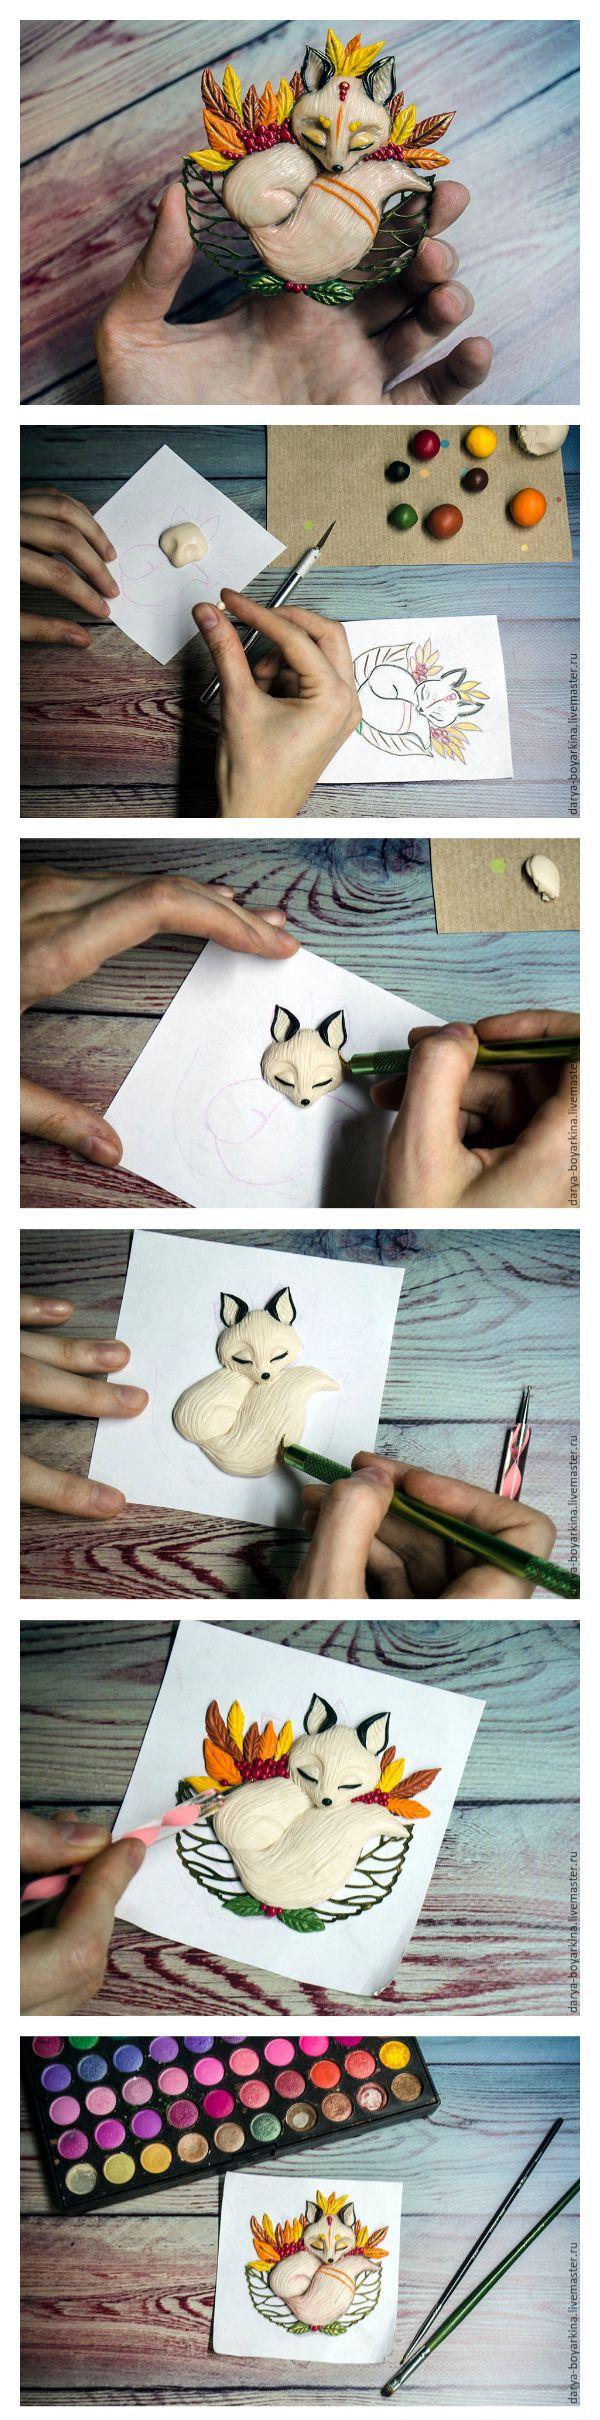 Polymer clay brooch Fox tutorial | Смотрите пошаговый фотоурок и сделайте себе такую чудесную брошь из полимерной глины